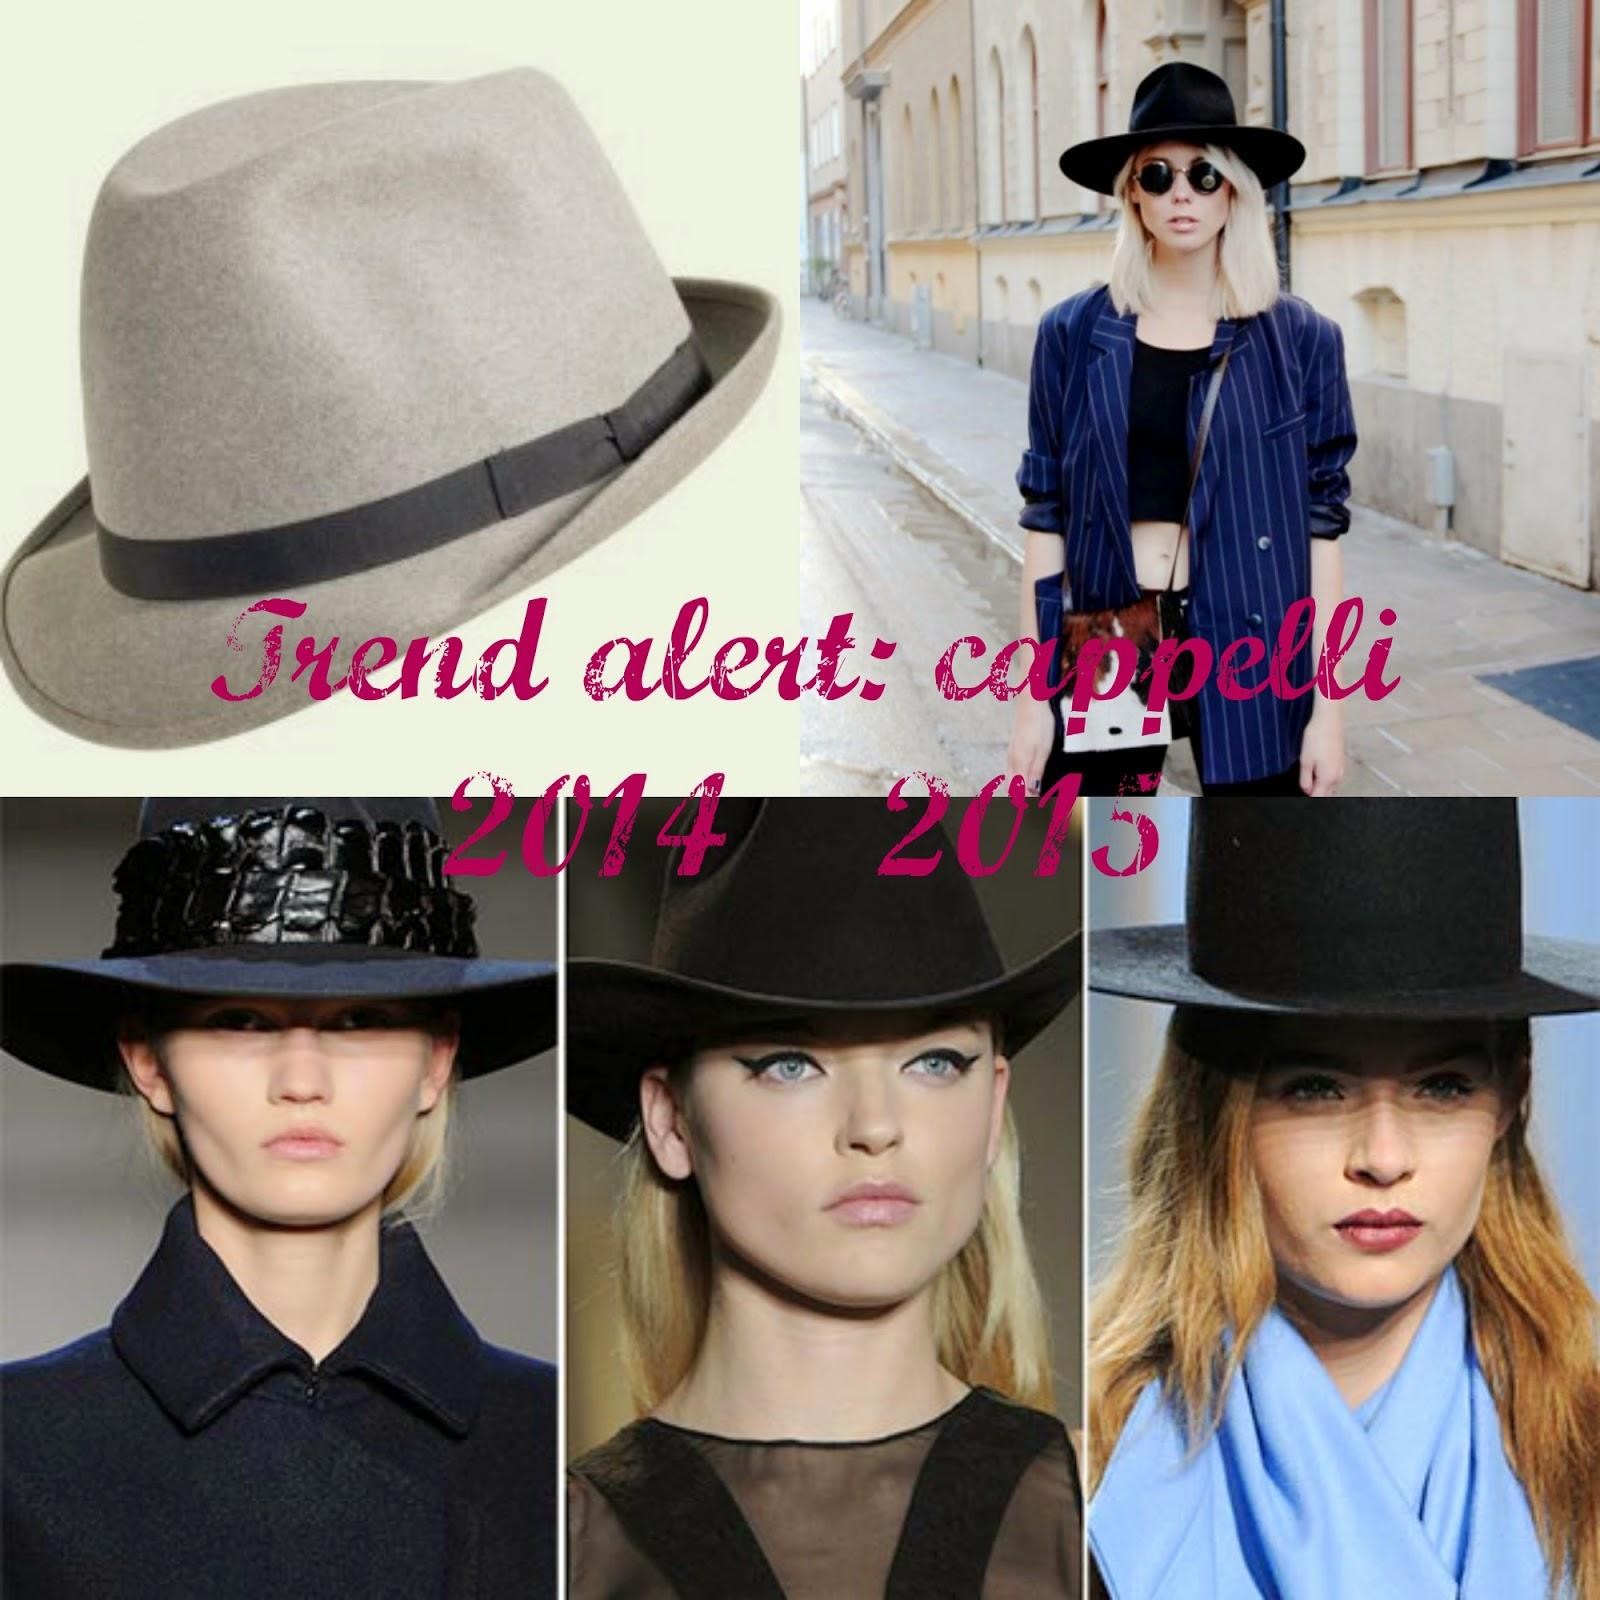 Nel post di oggi vi parliamo di trend alert per la stagione autunnale  invernale appena iniziata. Nello specifico vi parleremo di moda cappelli  2014 2015 e ... 038f75810dc1